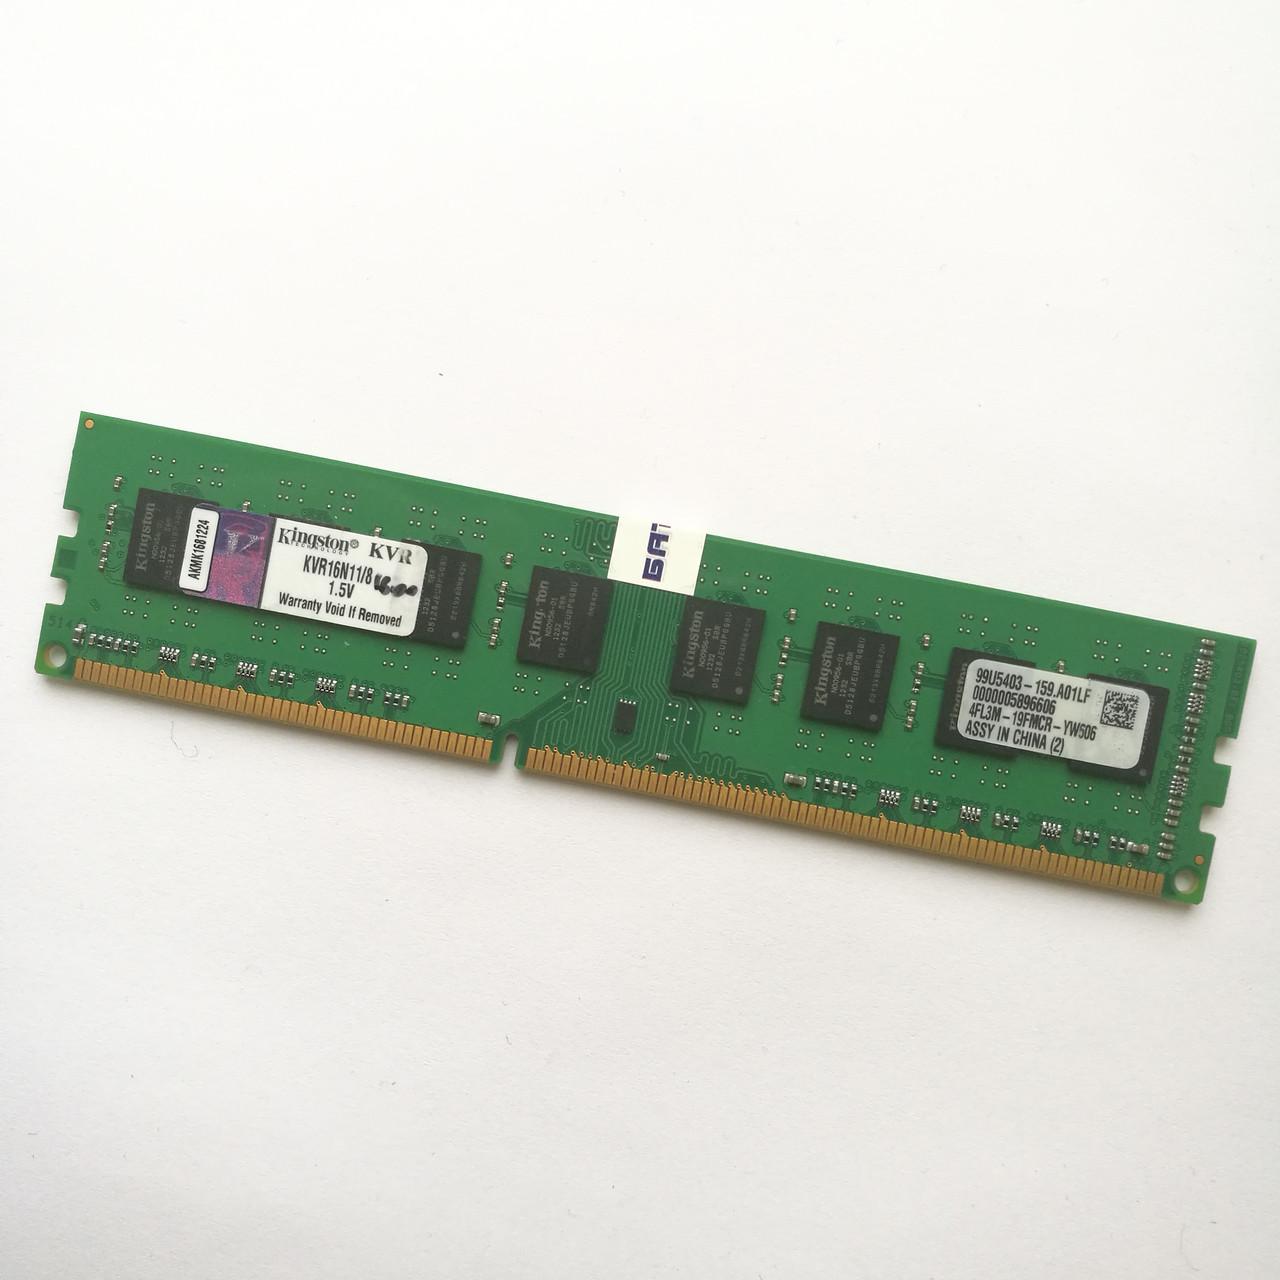 Оперативная память Kingston DDR3 8Gb 1600MHz PC3-12800 2R8 CL11 (KVR16N11/8) Б/У